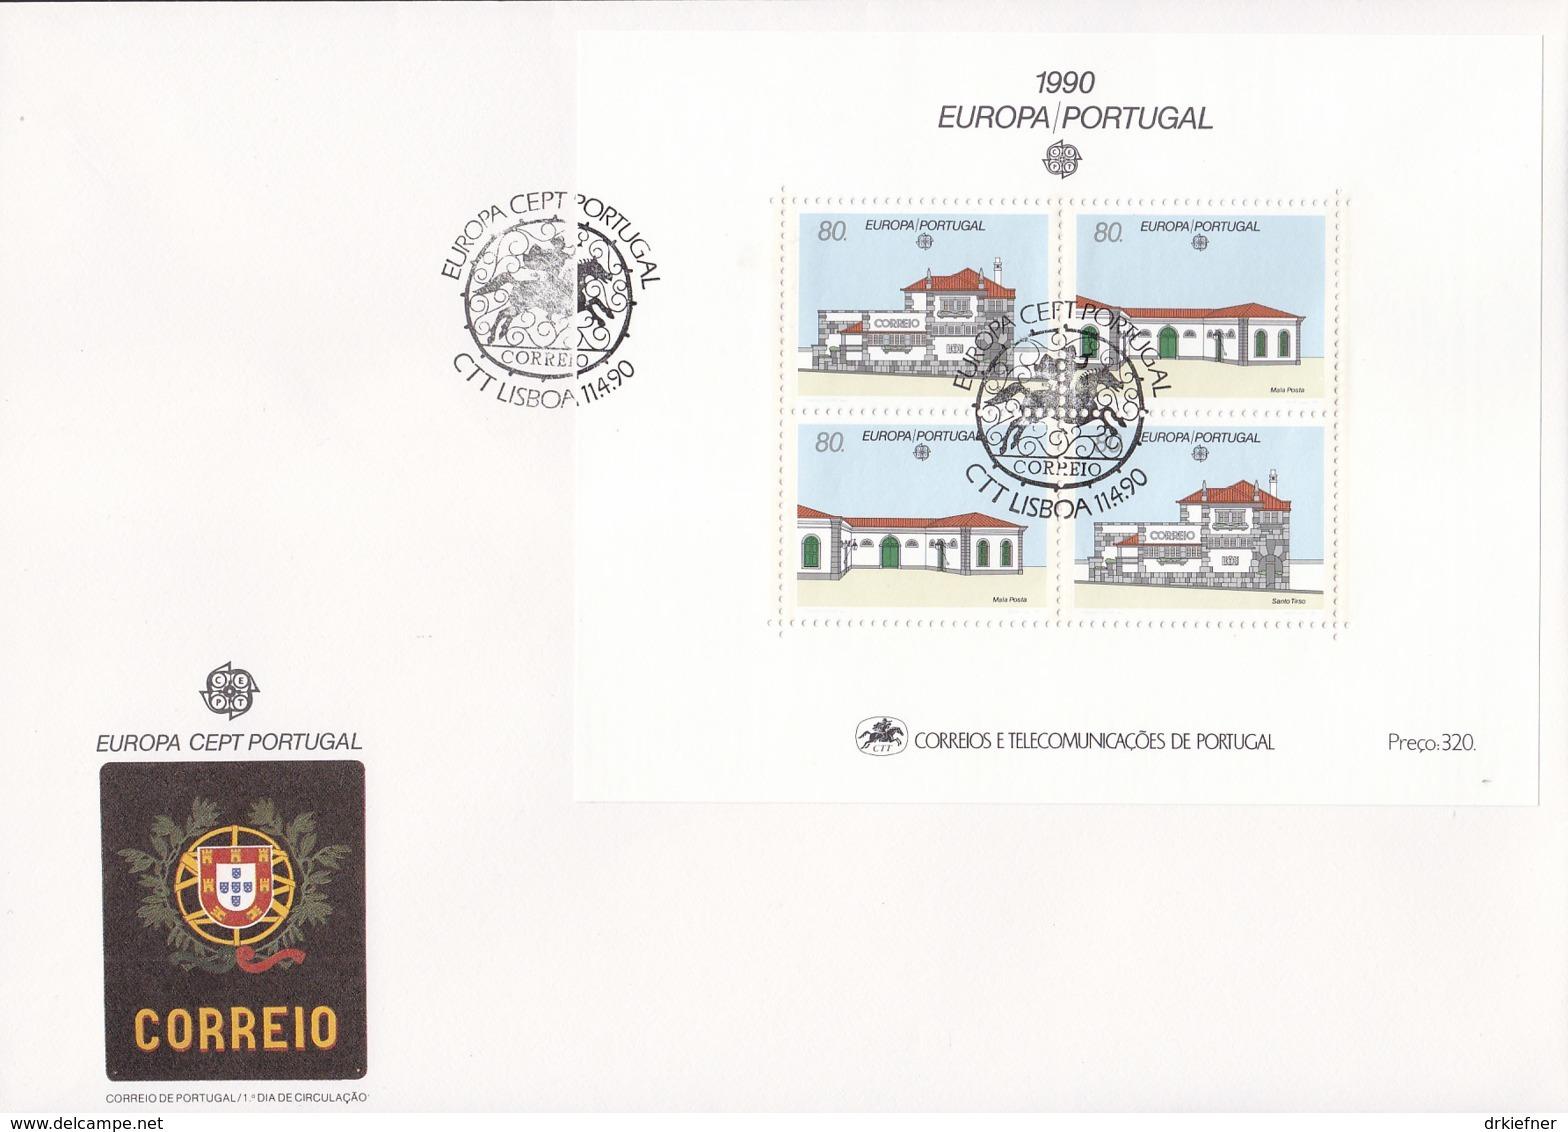 PORTUGAL Block 71 FDC, EUROPA CEPT 1990, Postalische Einrichtungen - 1990